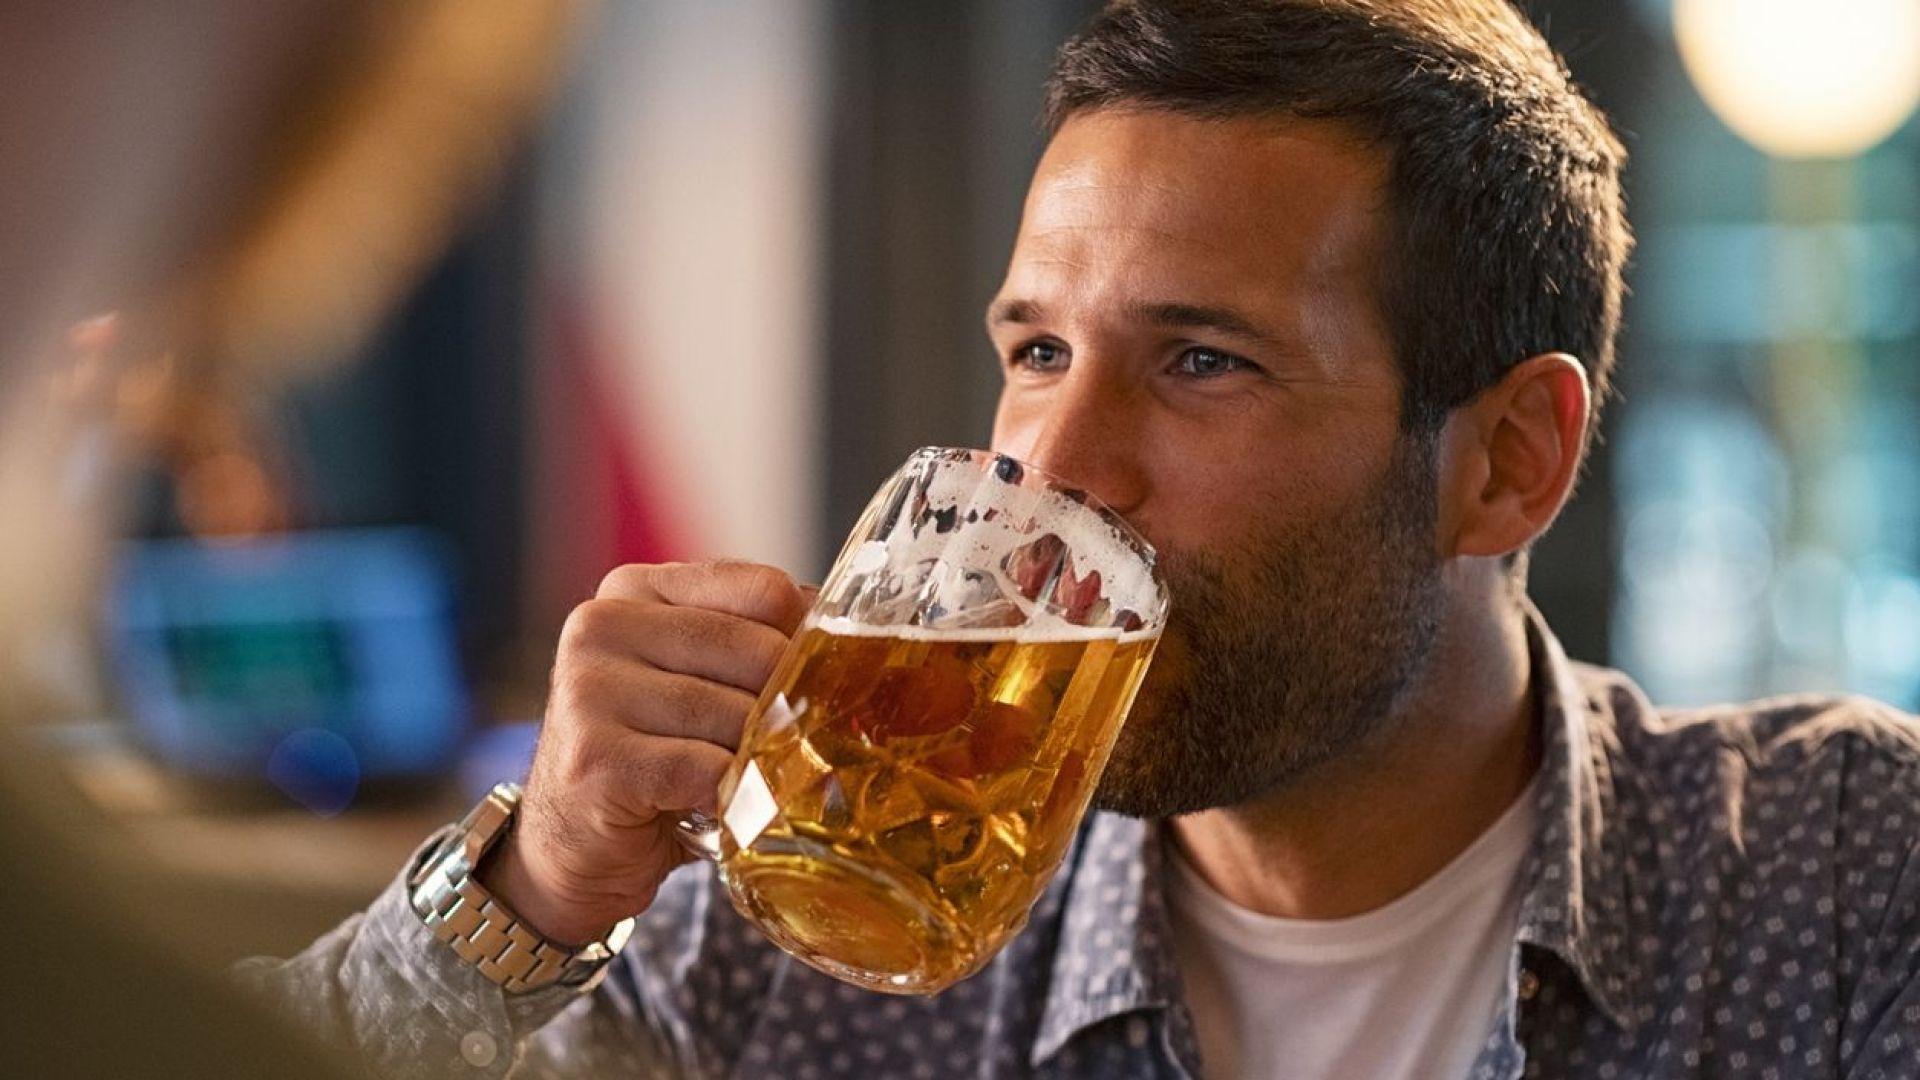 Щастието в първата глътка бира